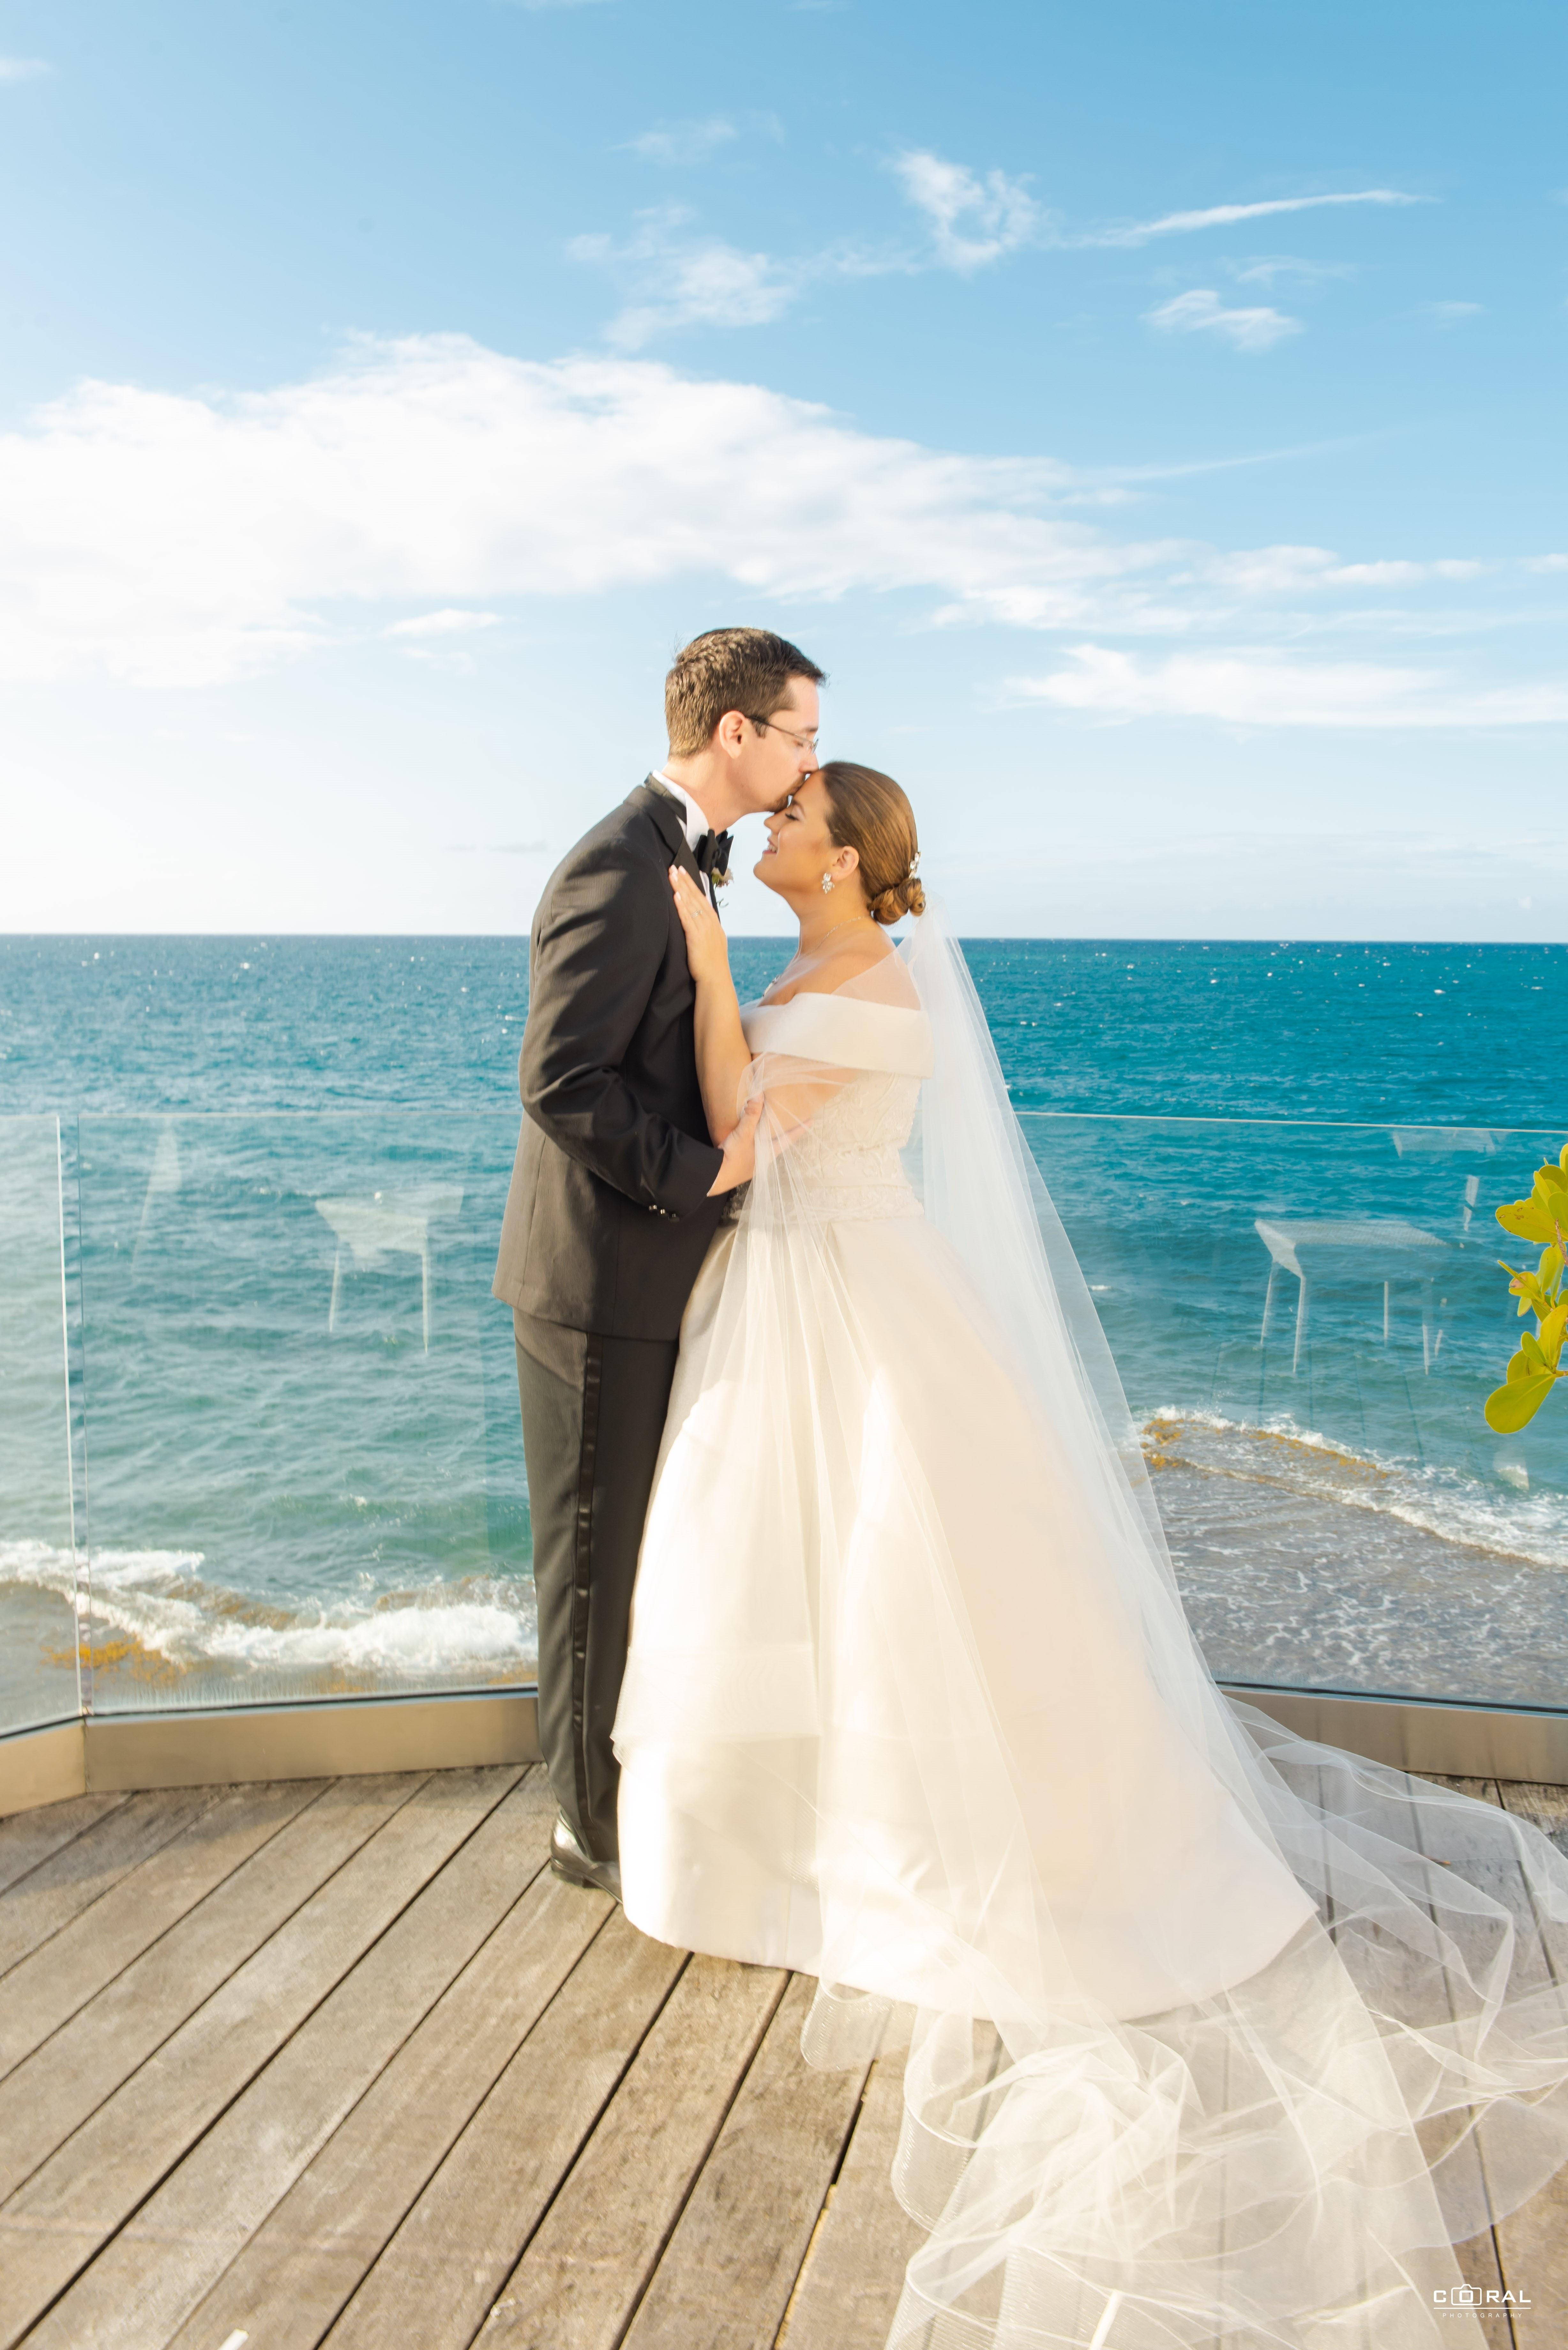 Coordinación: A couple making couples (Suministrada)